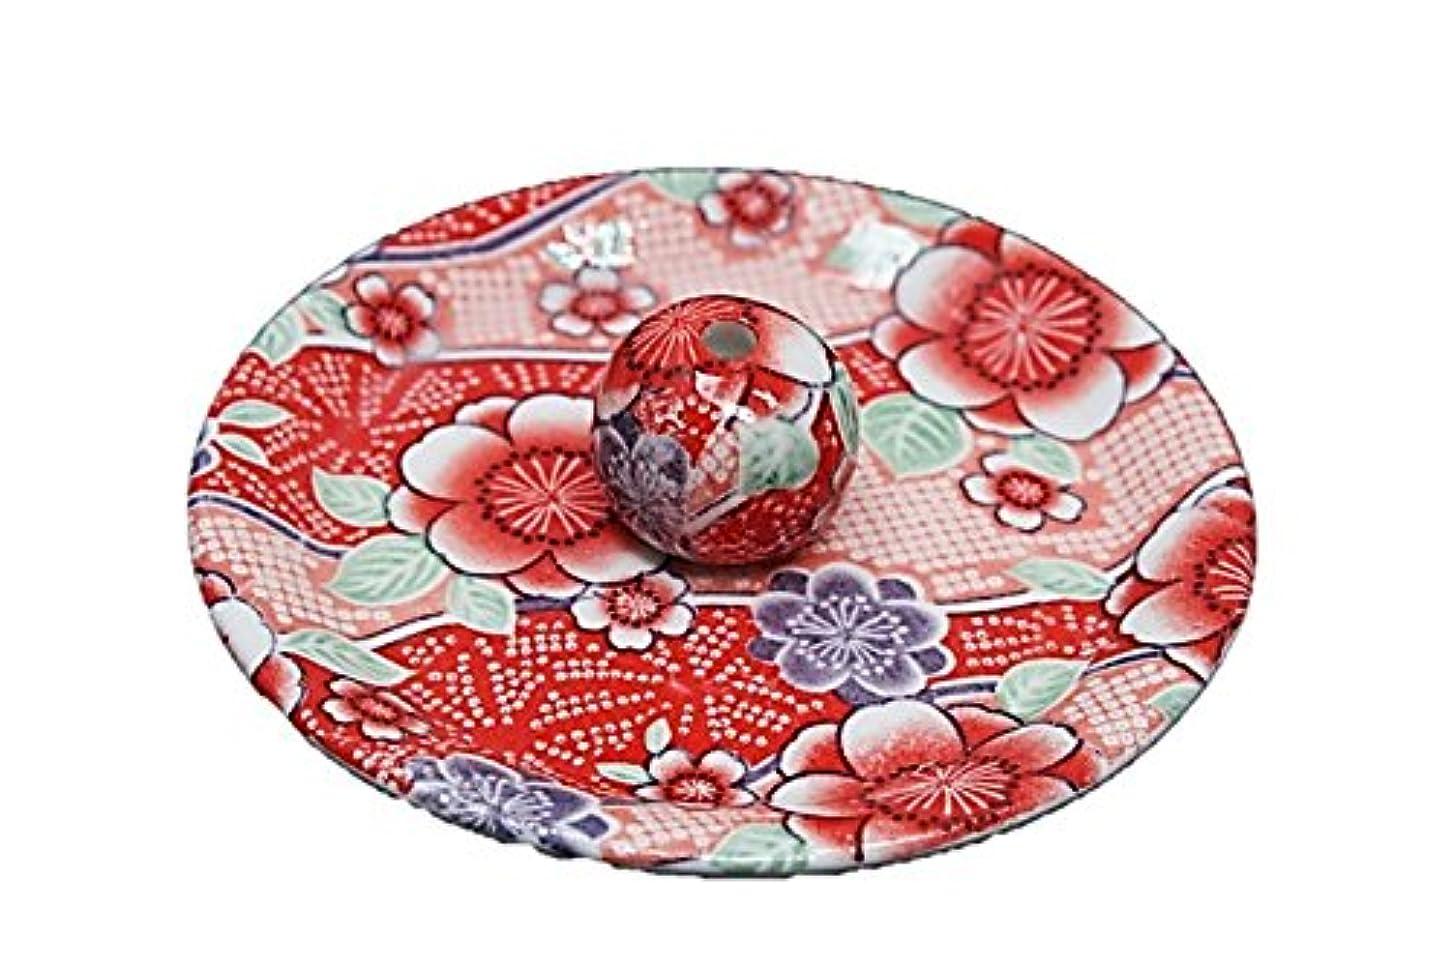 宣言とげのある優しさ9-15 紅染 9cm香皿 お香立て お香たて 陶器 日本製 製造?直売品